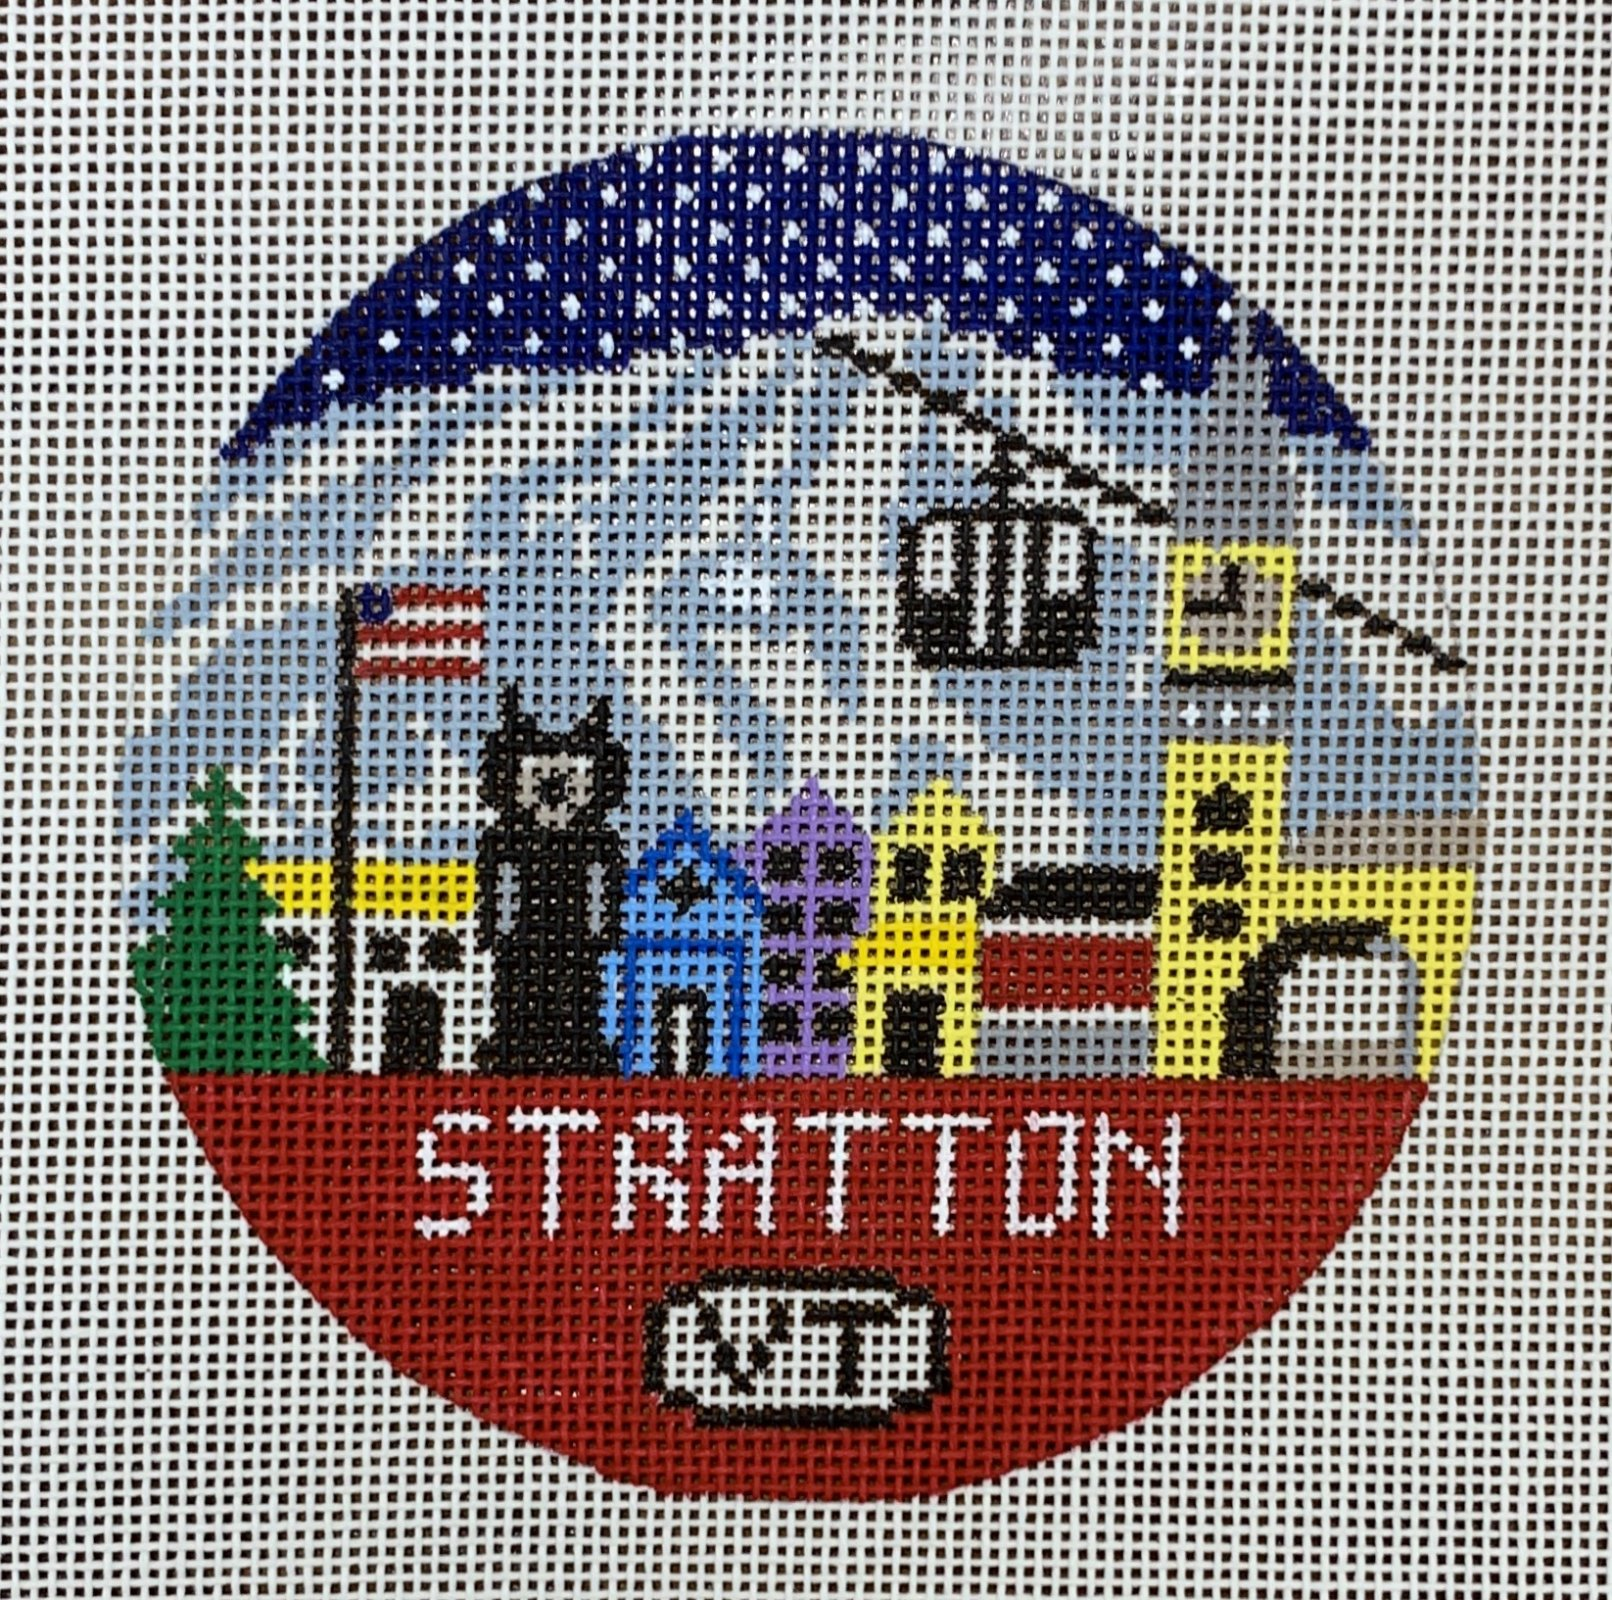 DSR101 Stratton Vermont